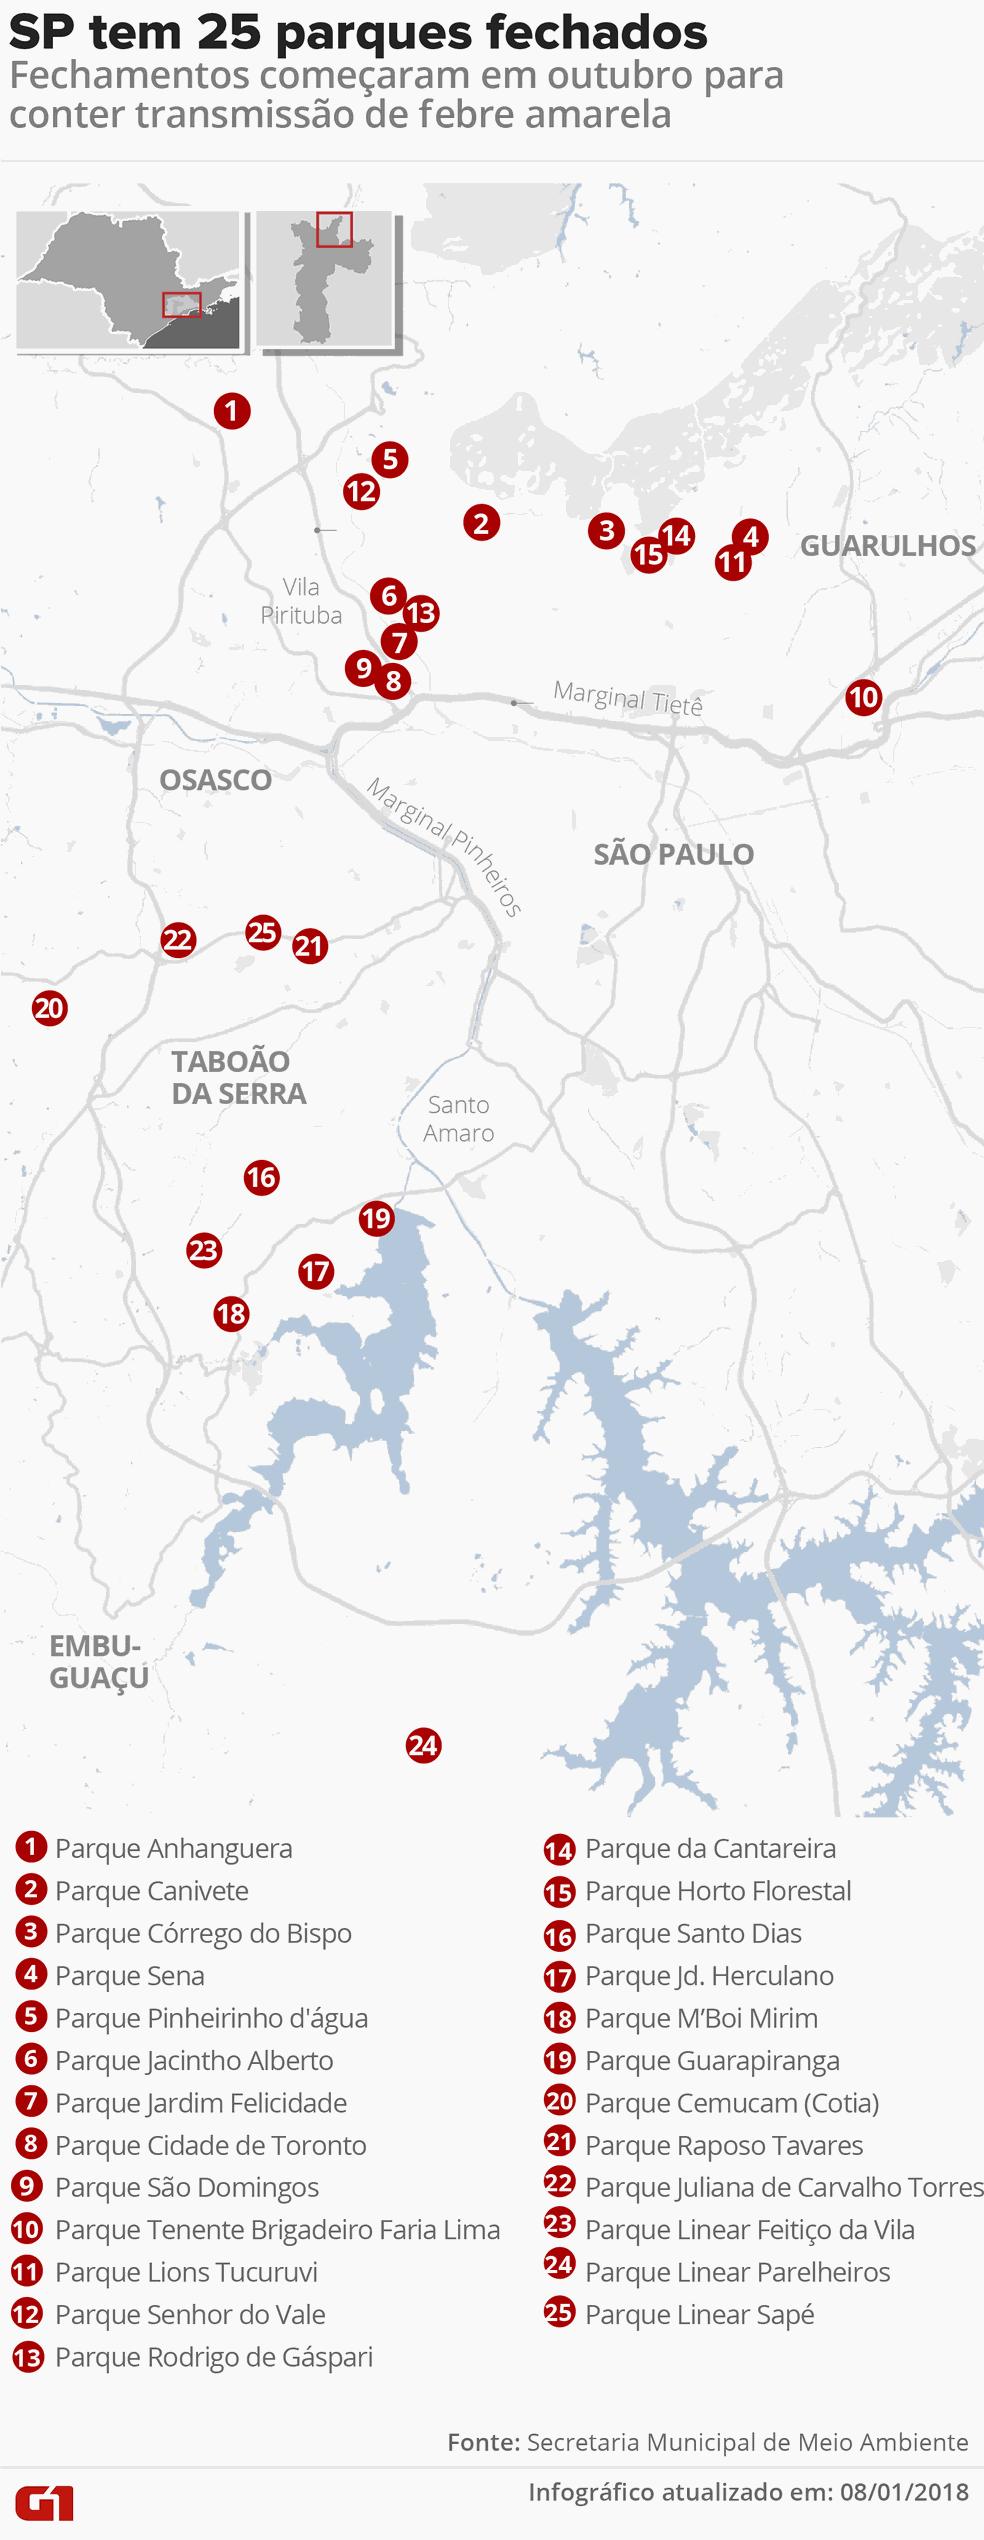 Mapa mostra lista de parques de SP fechados por causa da febre amarela (Foto: Roberta Jaworski/G1)